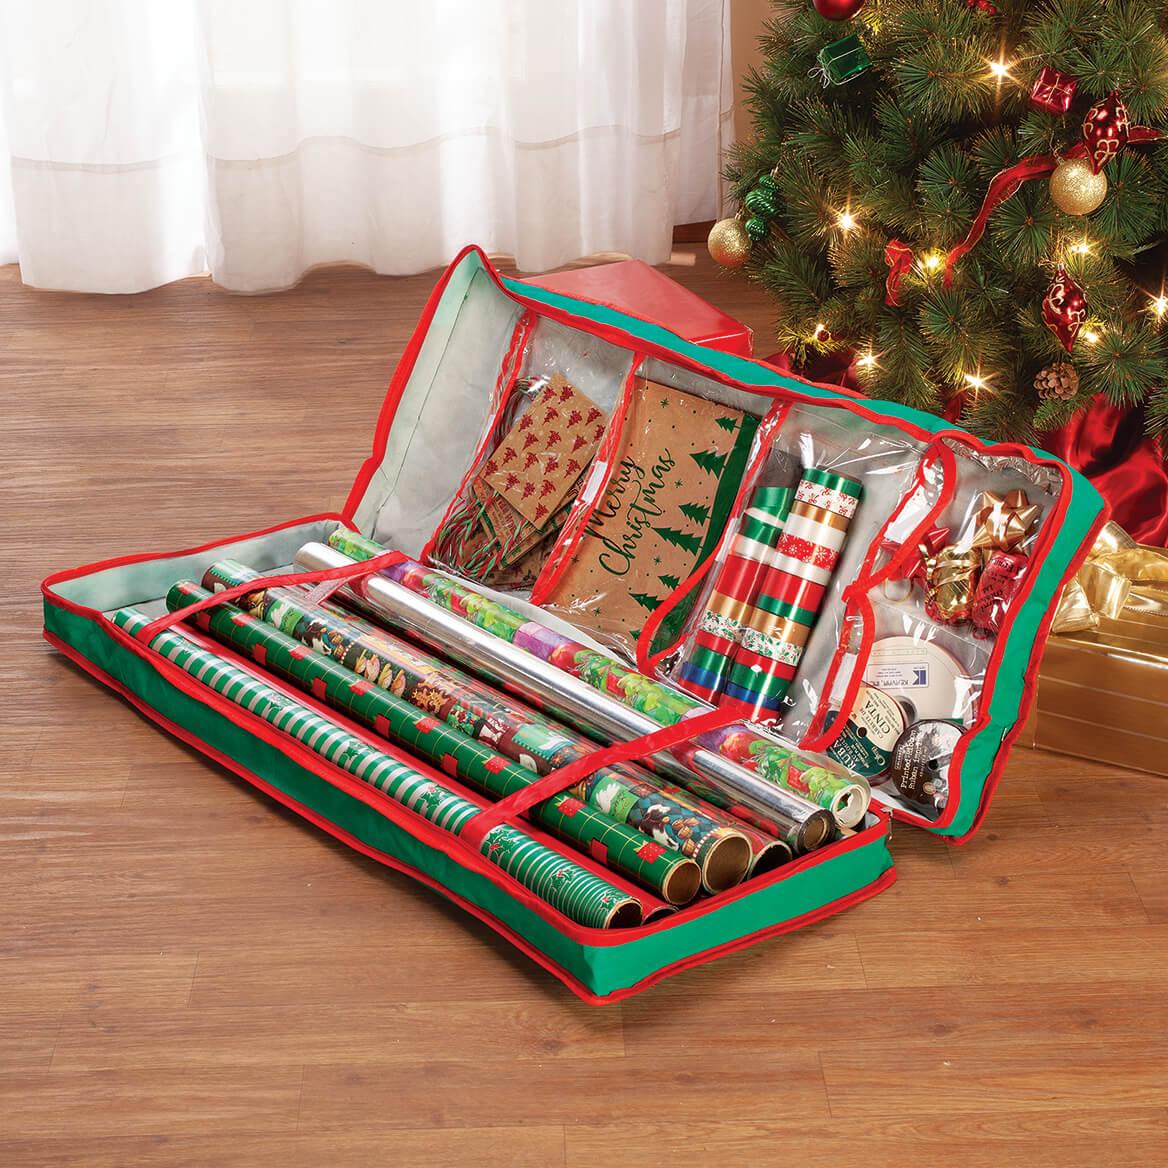 Gift Wrap Organizer Bag-368693